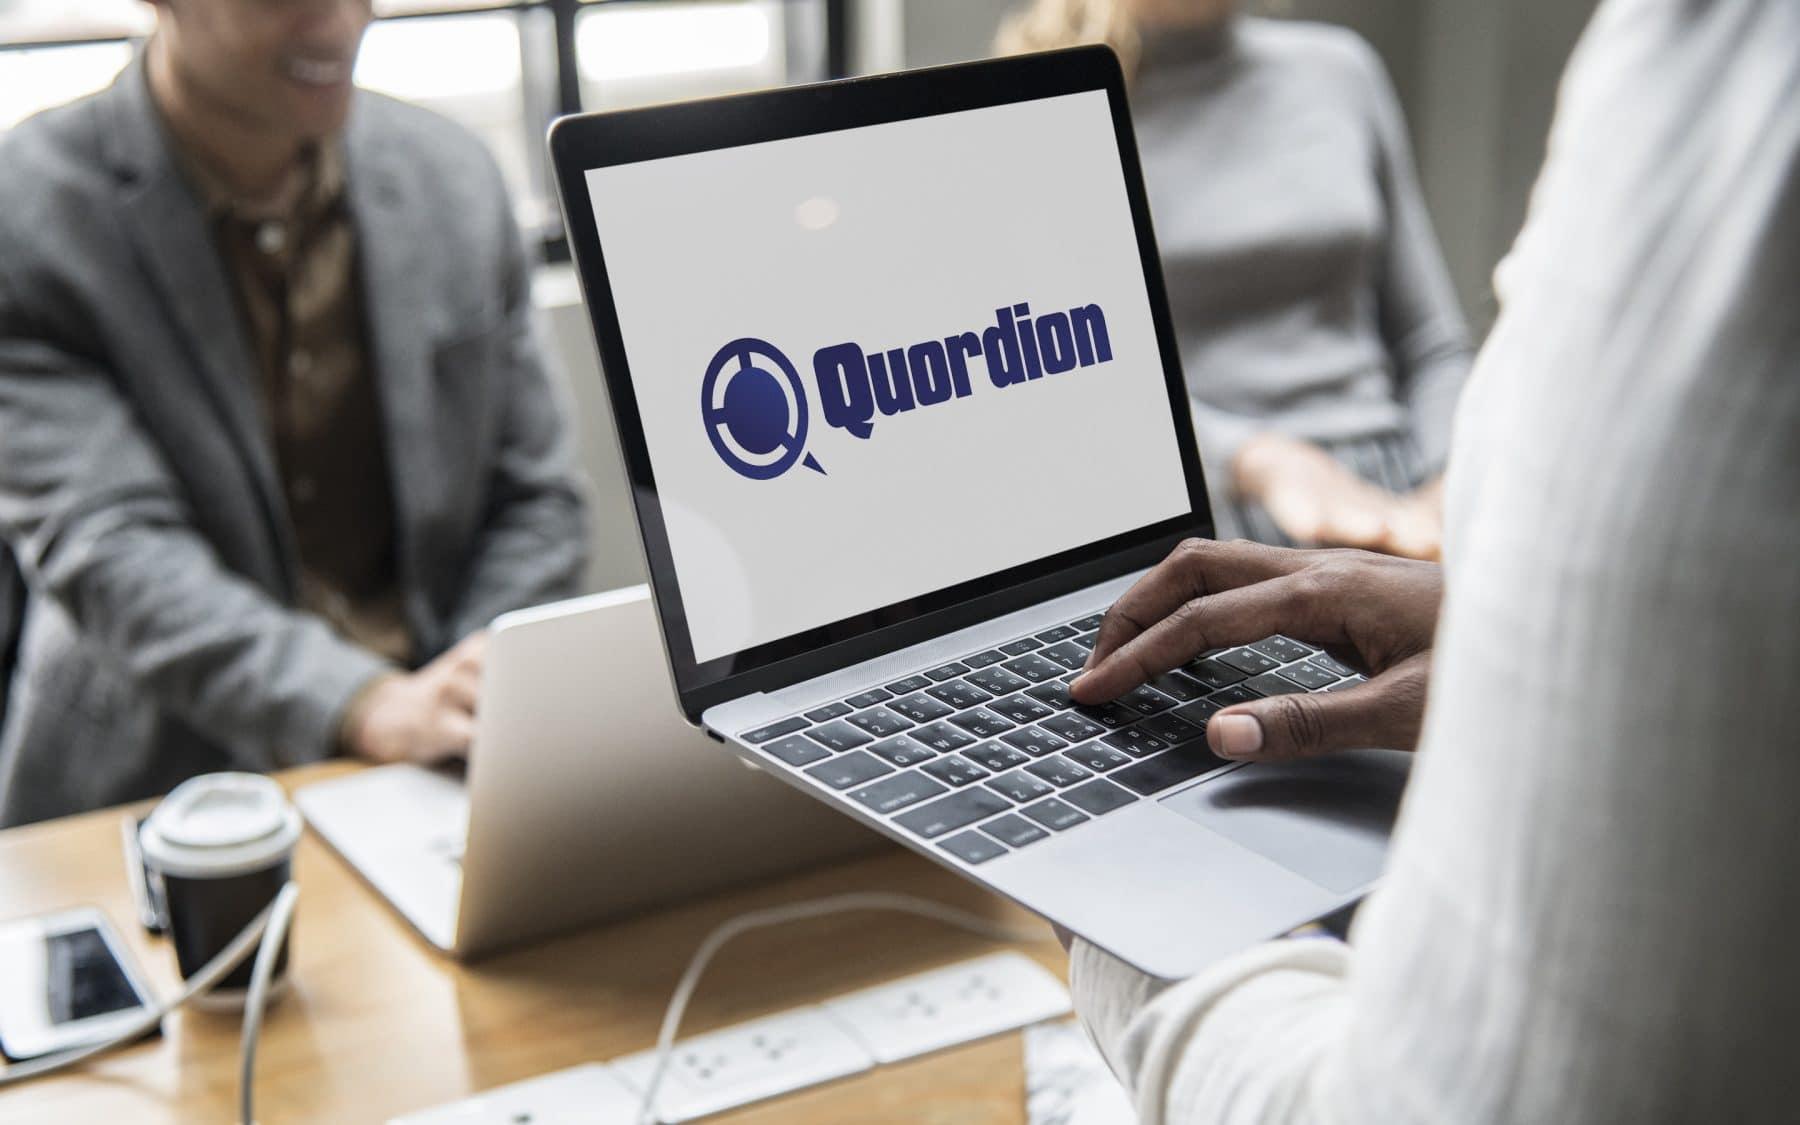 Quordion 2